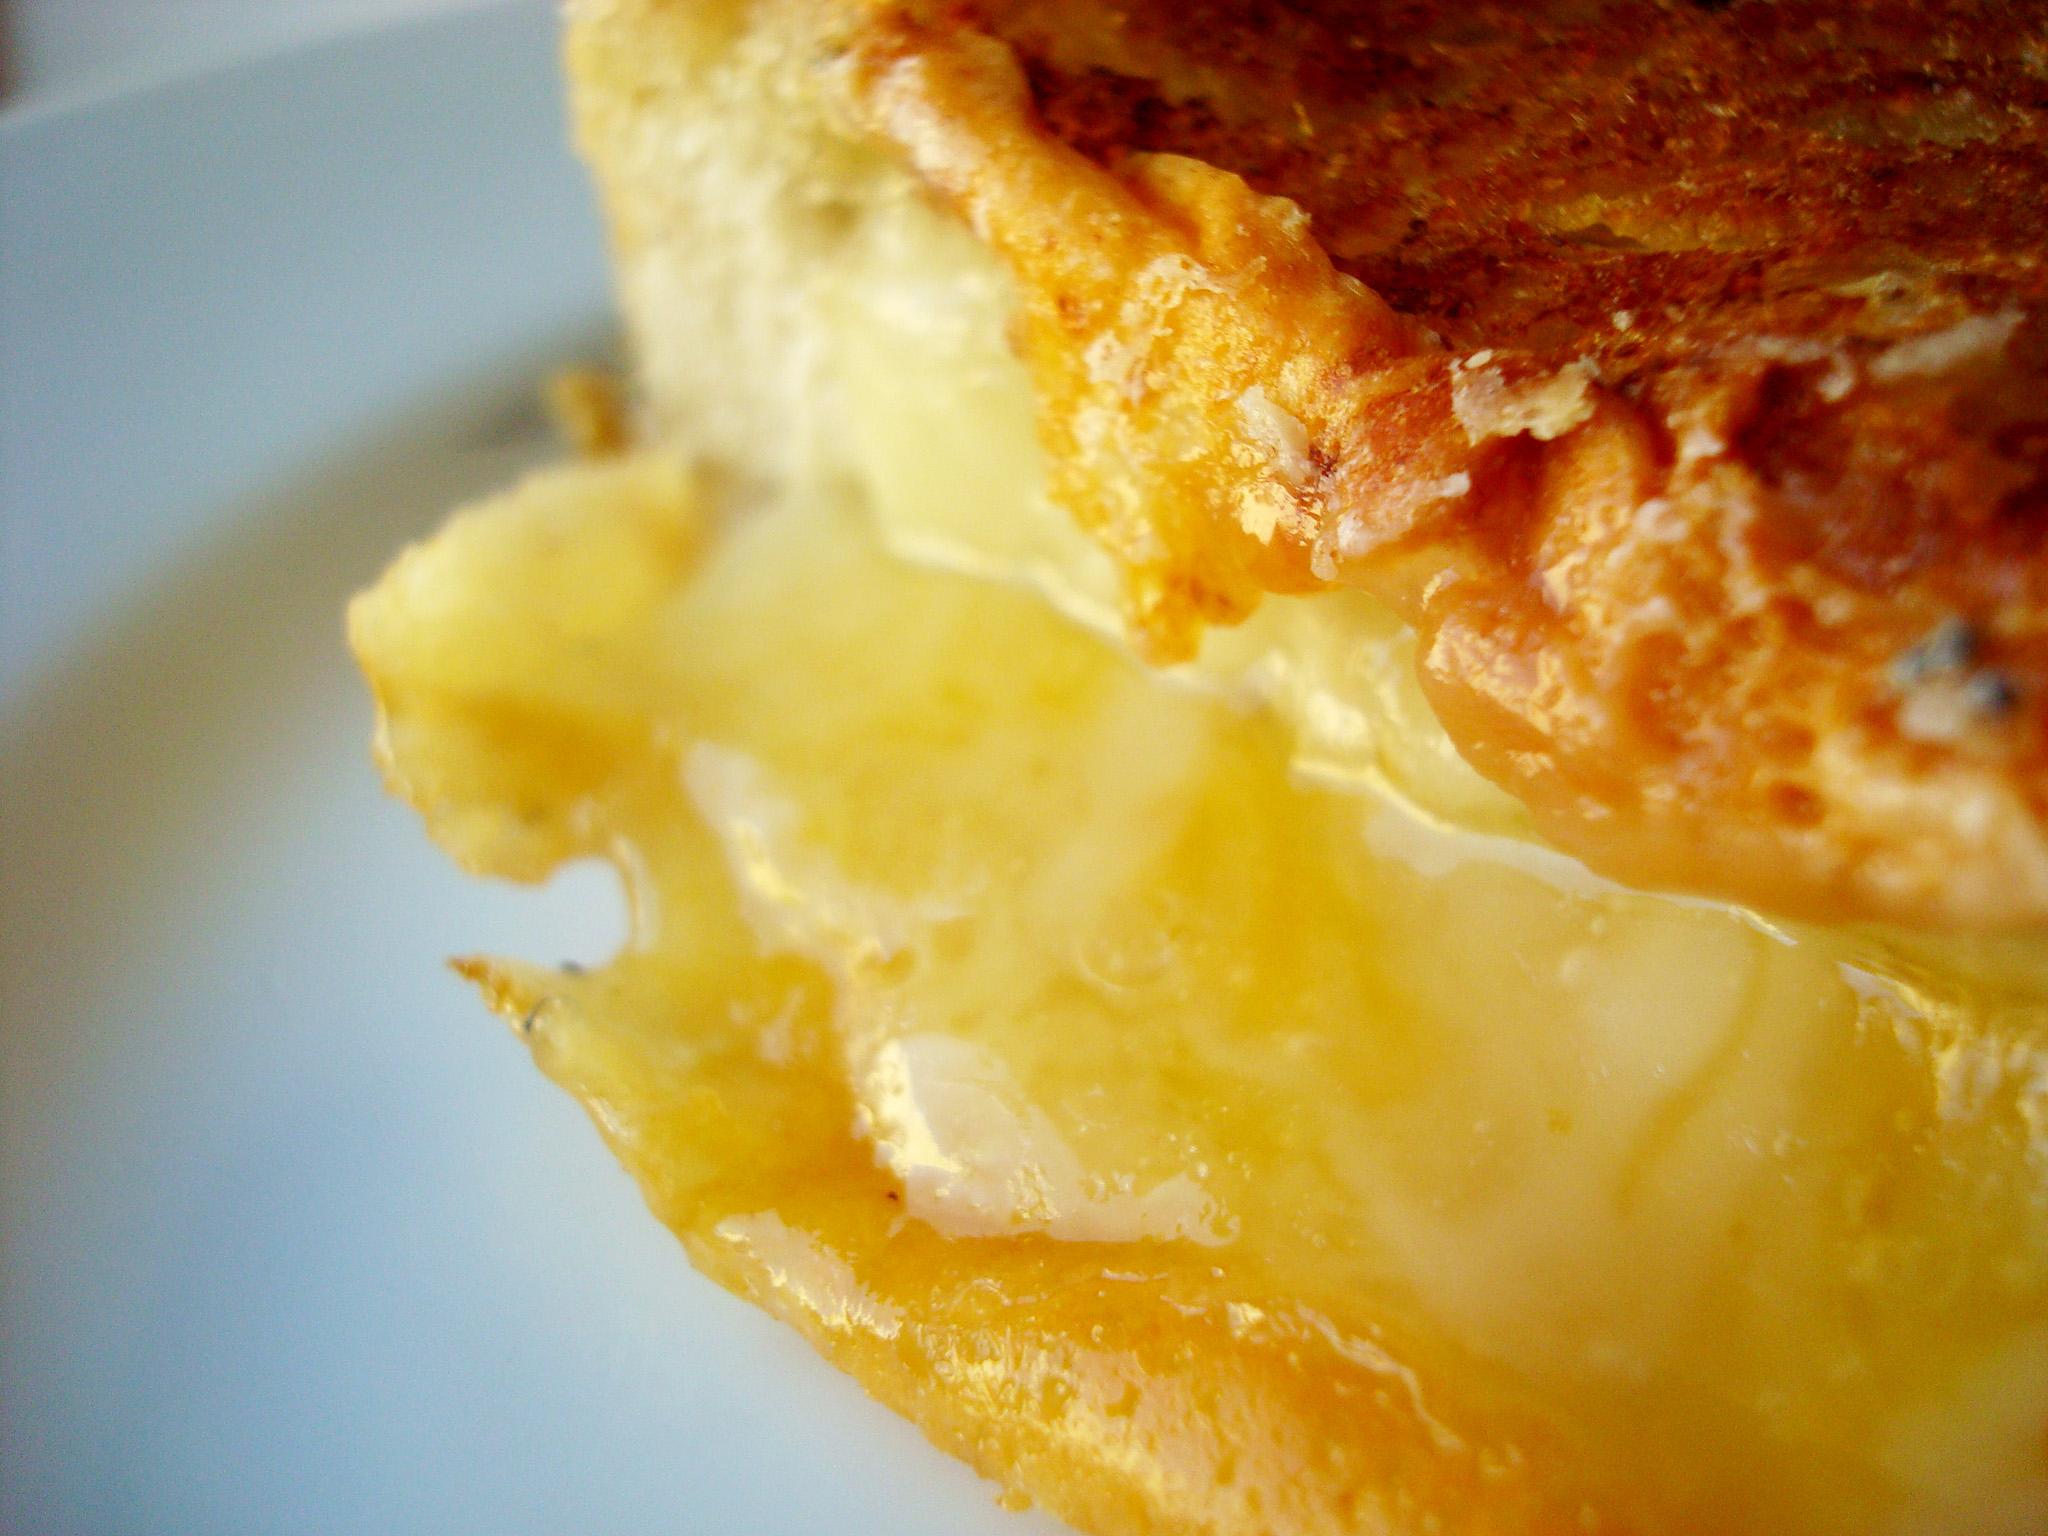 Sanduiche grelhado de queijo